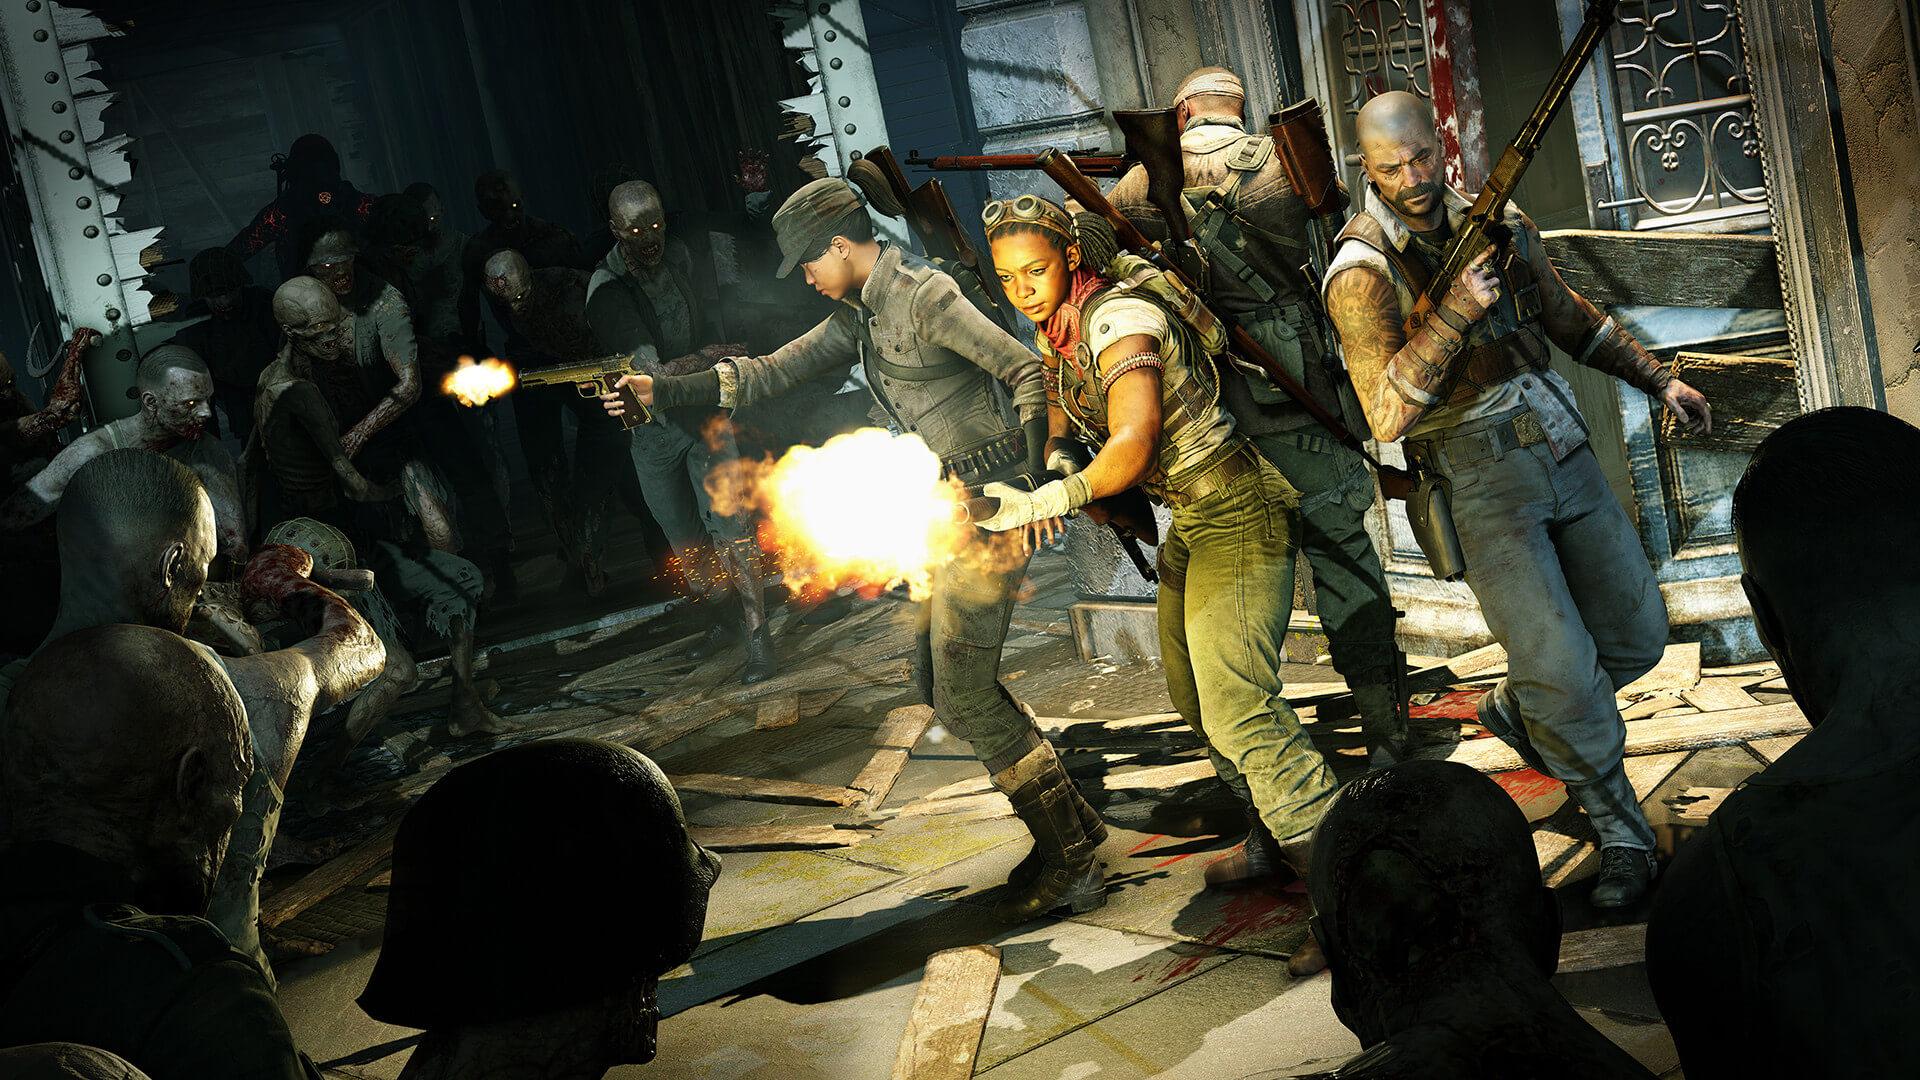 zombie army 4 hikayesi